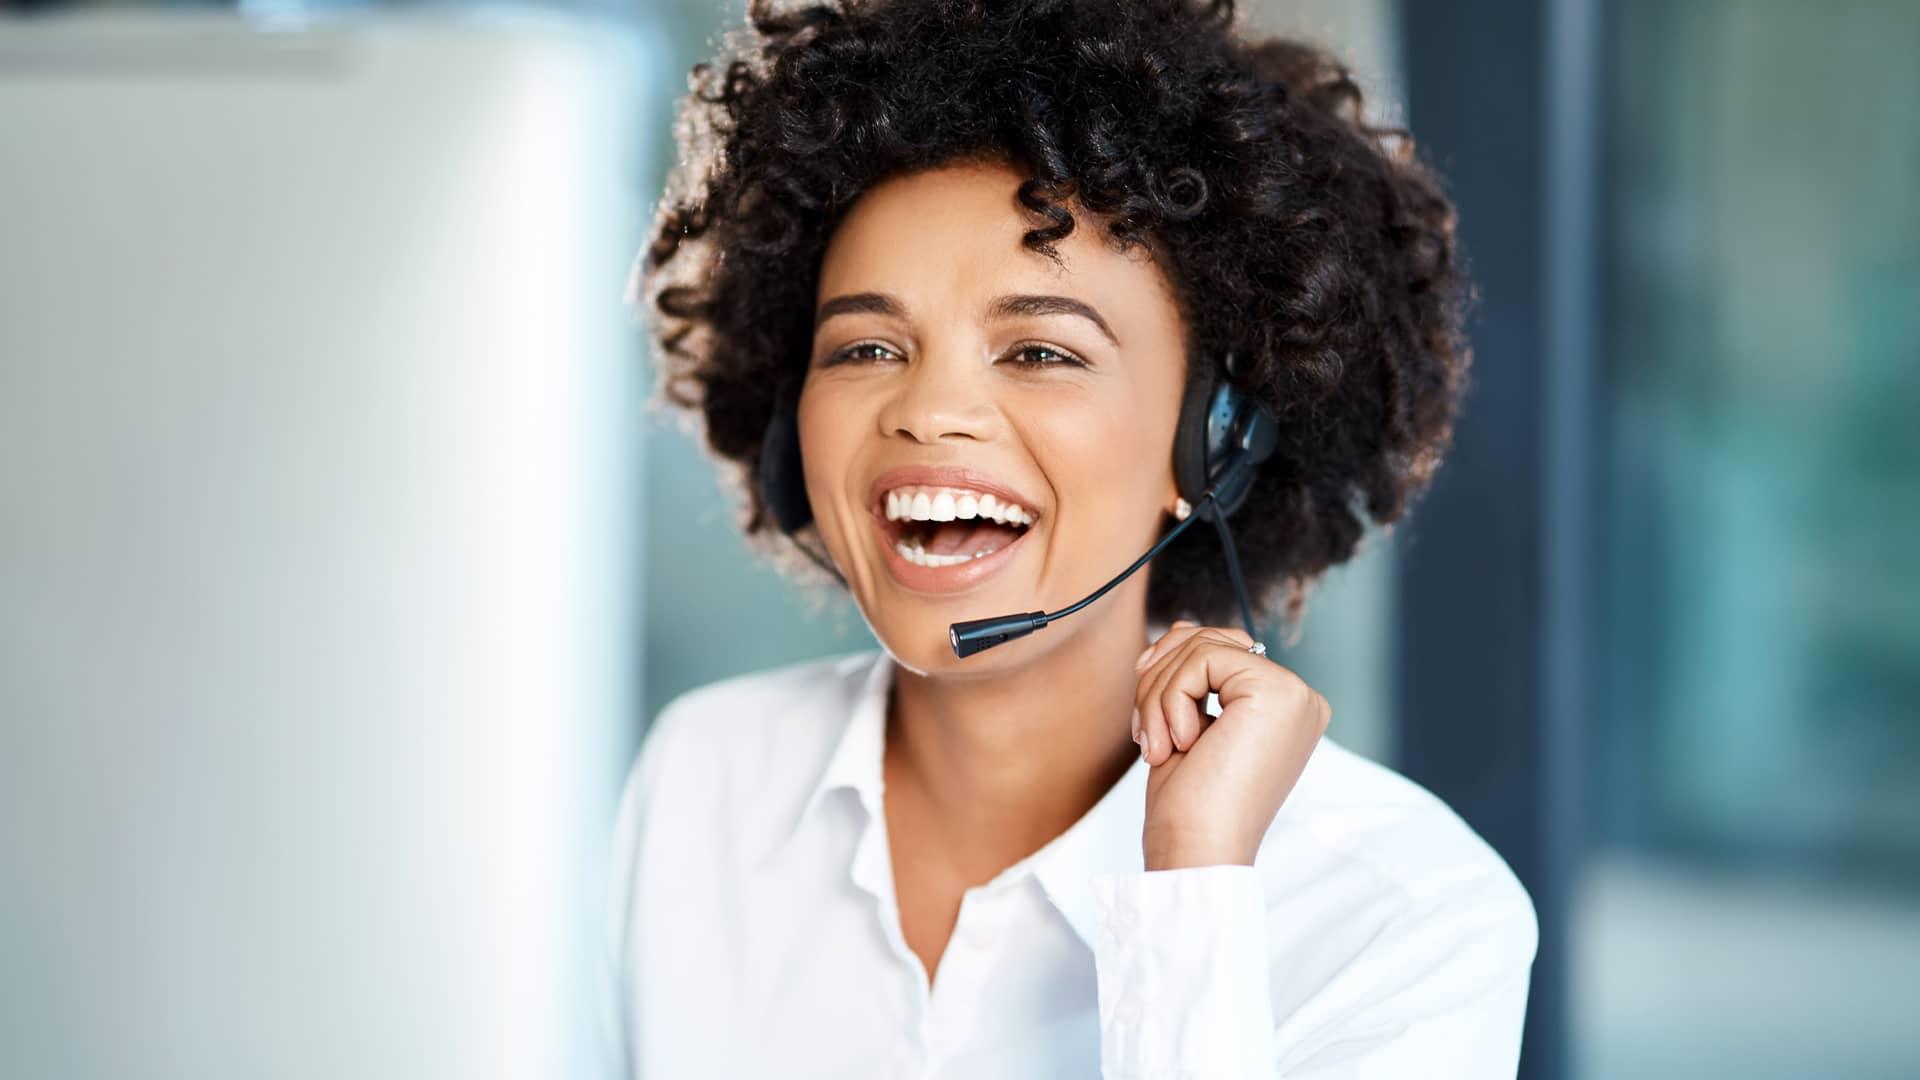 Teleoperadora euskaltel recibiendo una incidencia de un cliente